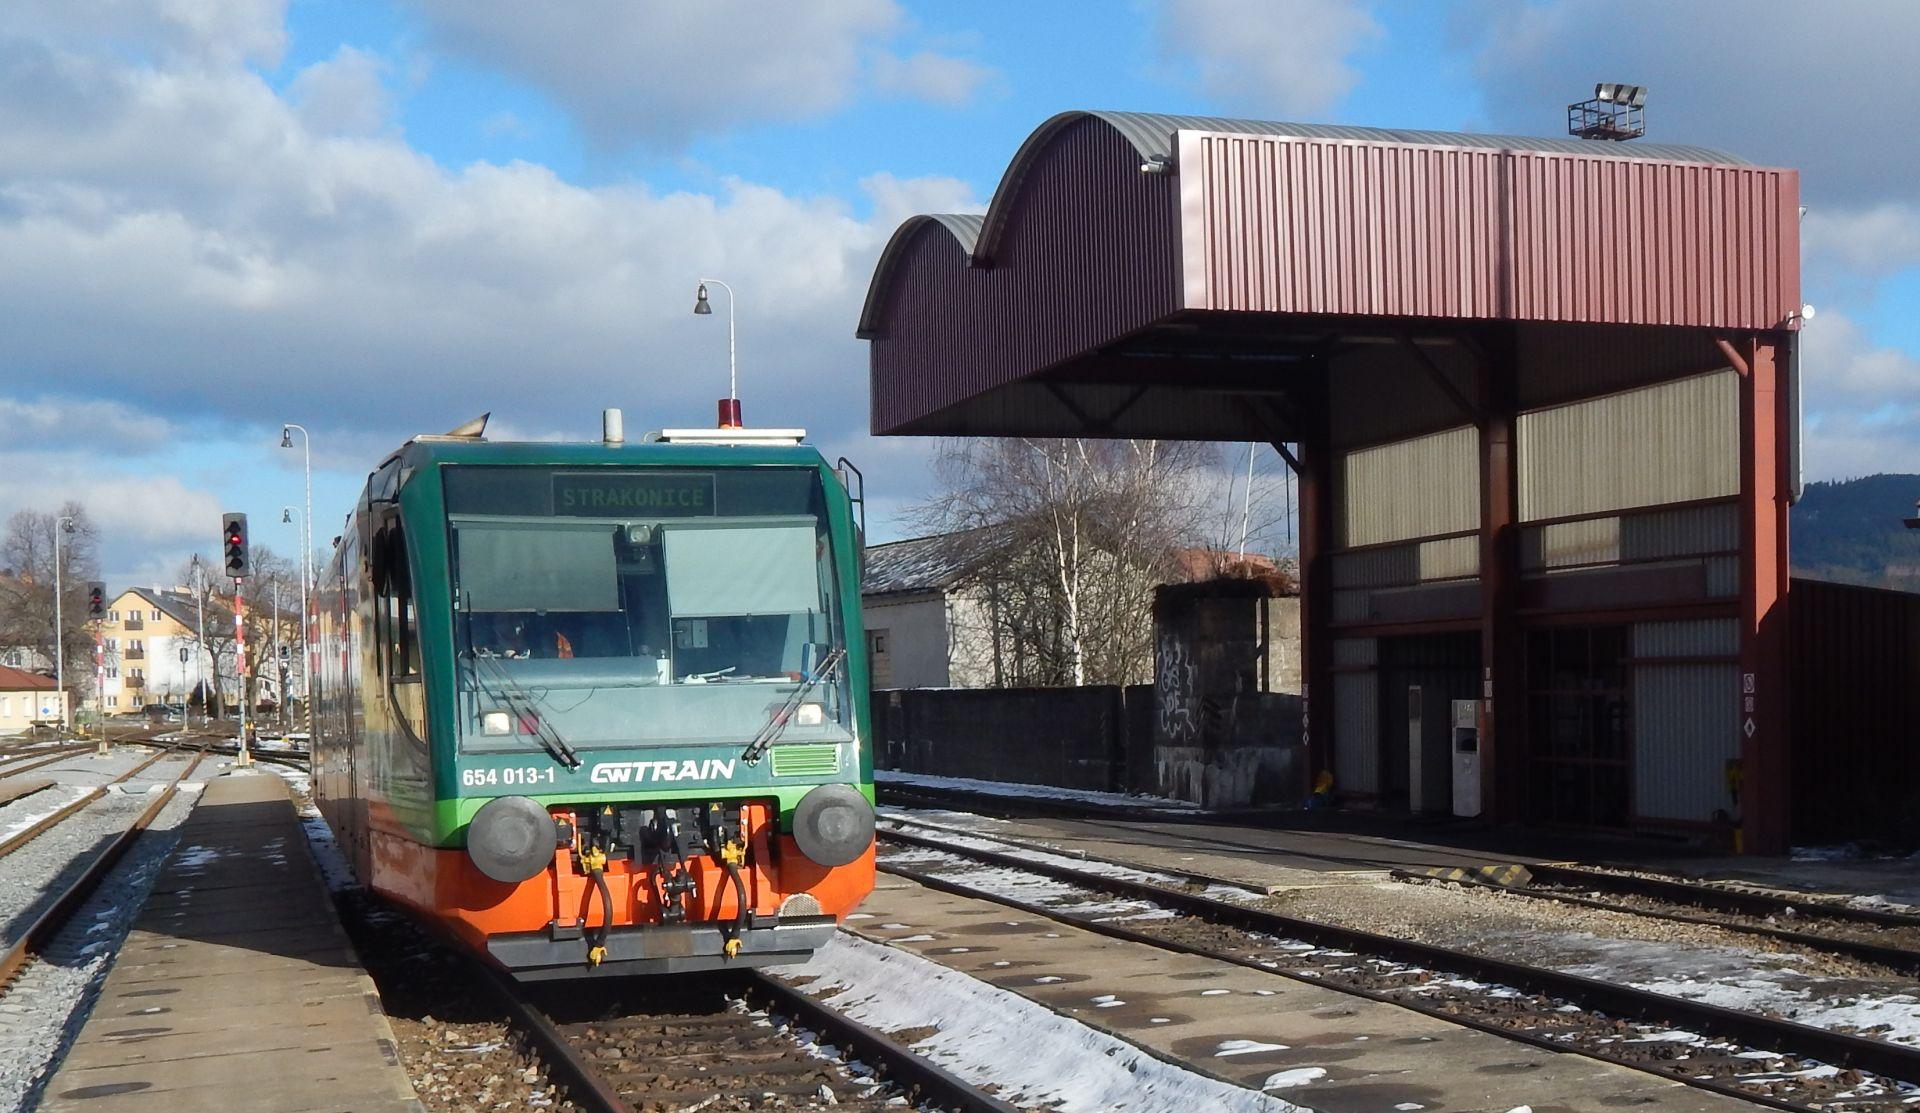 Regio Sprinter GW Trainu a čerpací stanice ve Volarech. Autor: Zdopravy.cz/Jan Šindelář